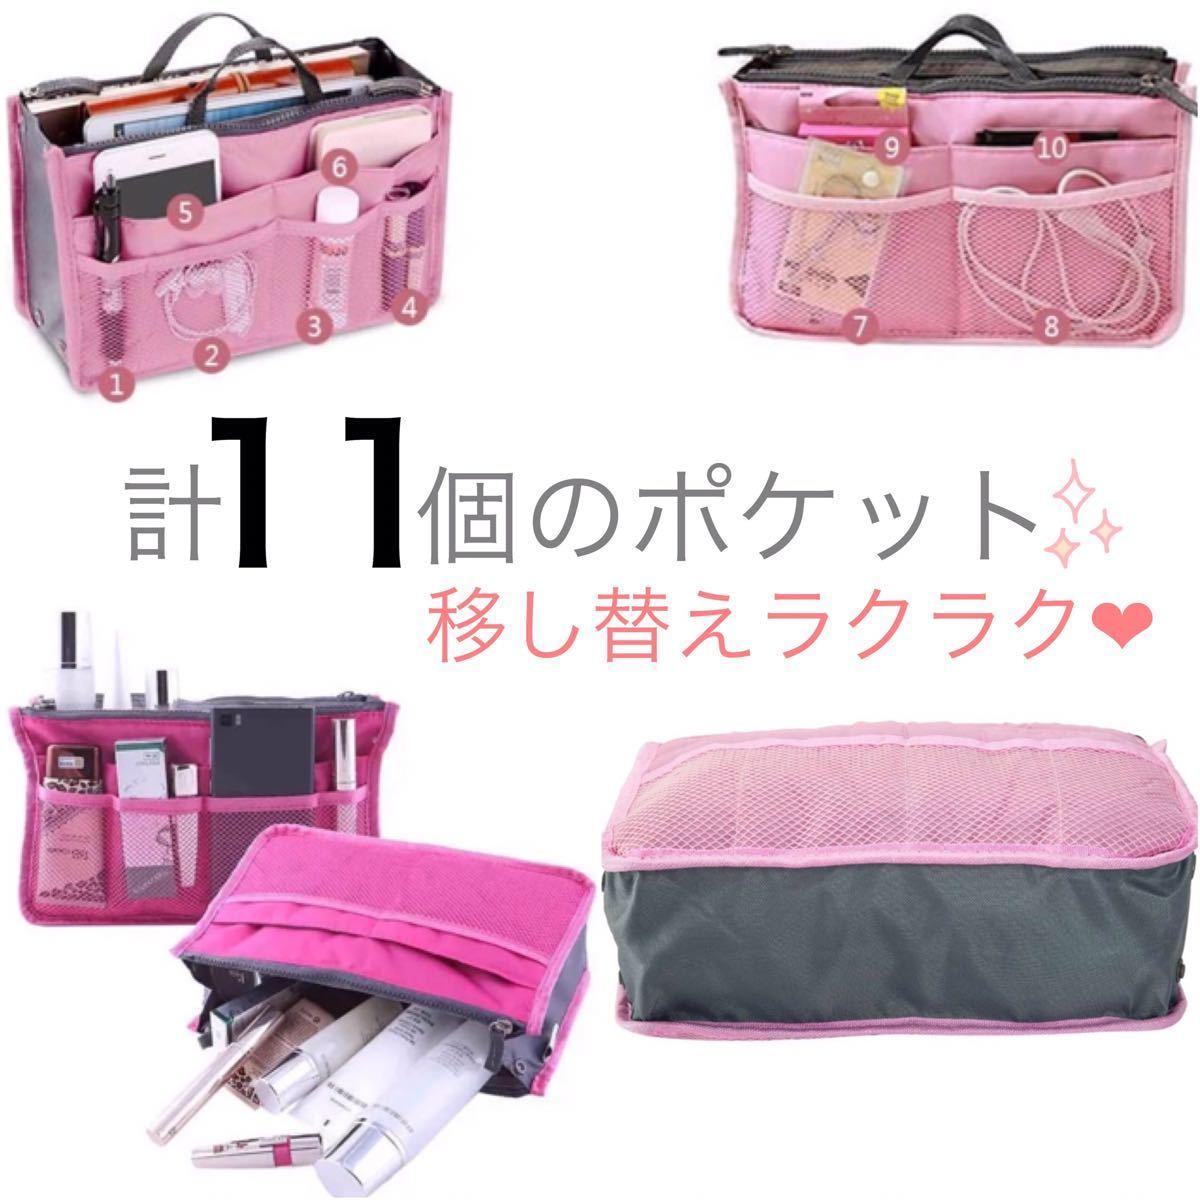 人気商品 バッグインバッグ ローズピンク インナーバッグ 化粧ポーチ 多機能